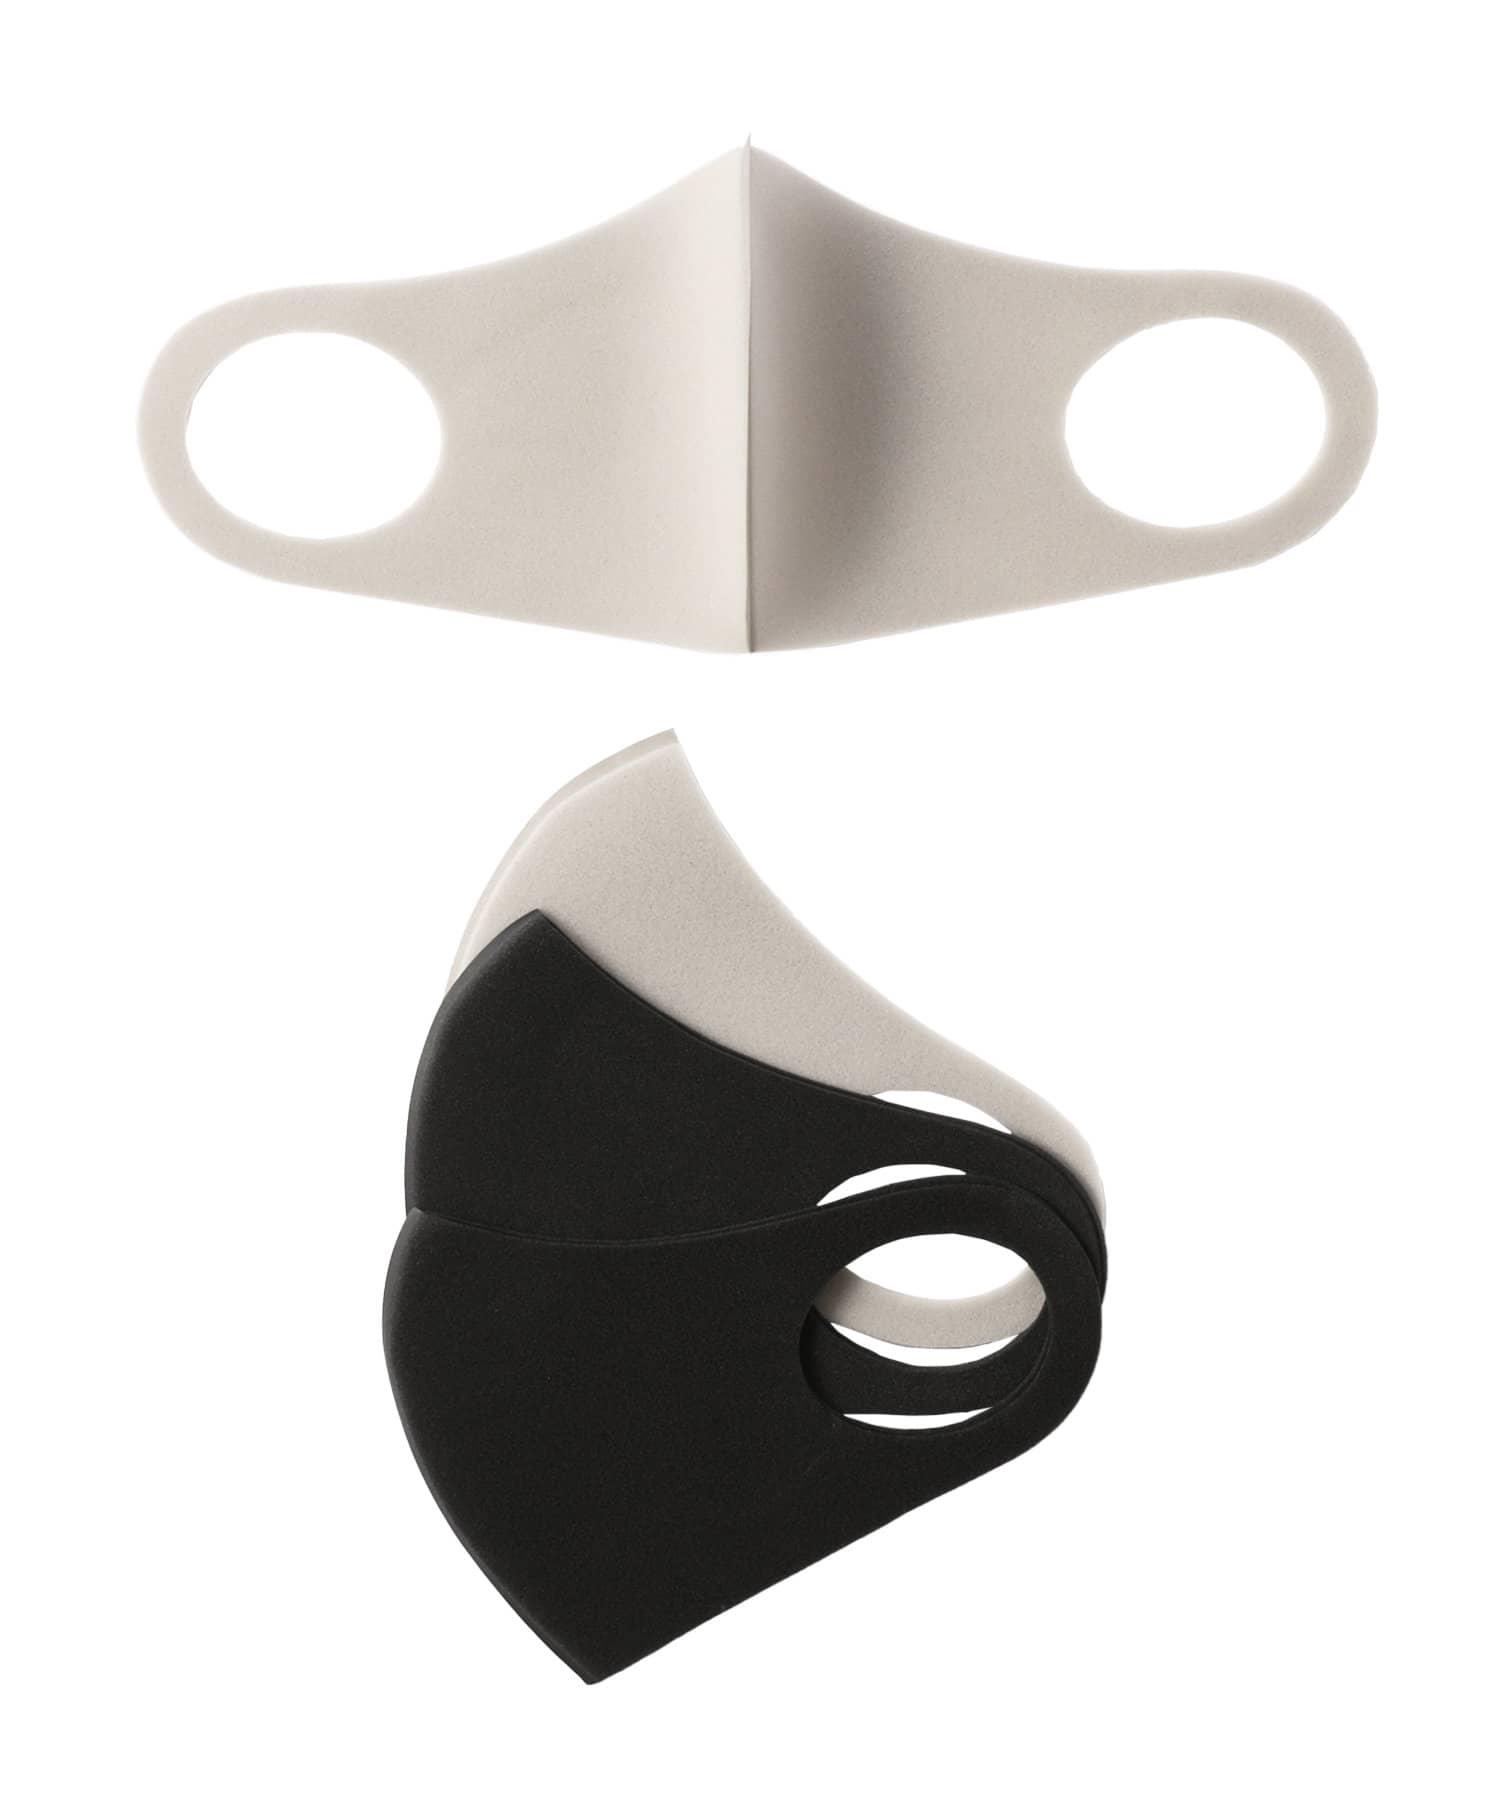 3COINS(スリーコインズ) ライフスタイル 立体ウレタンマスク4枚SET【大人サイズ】 その他